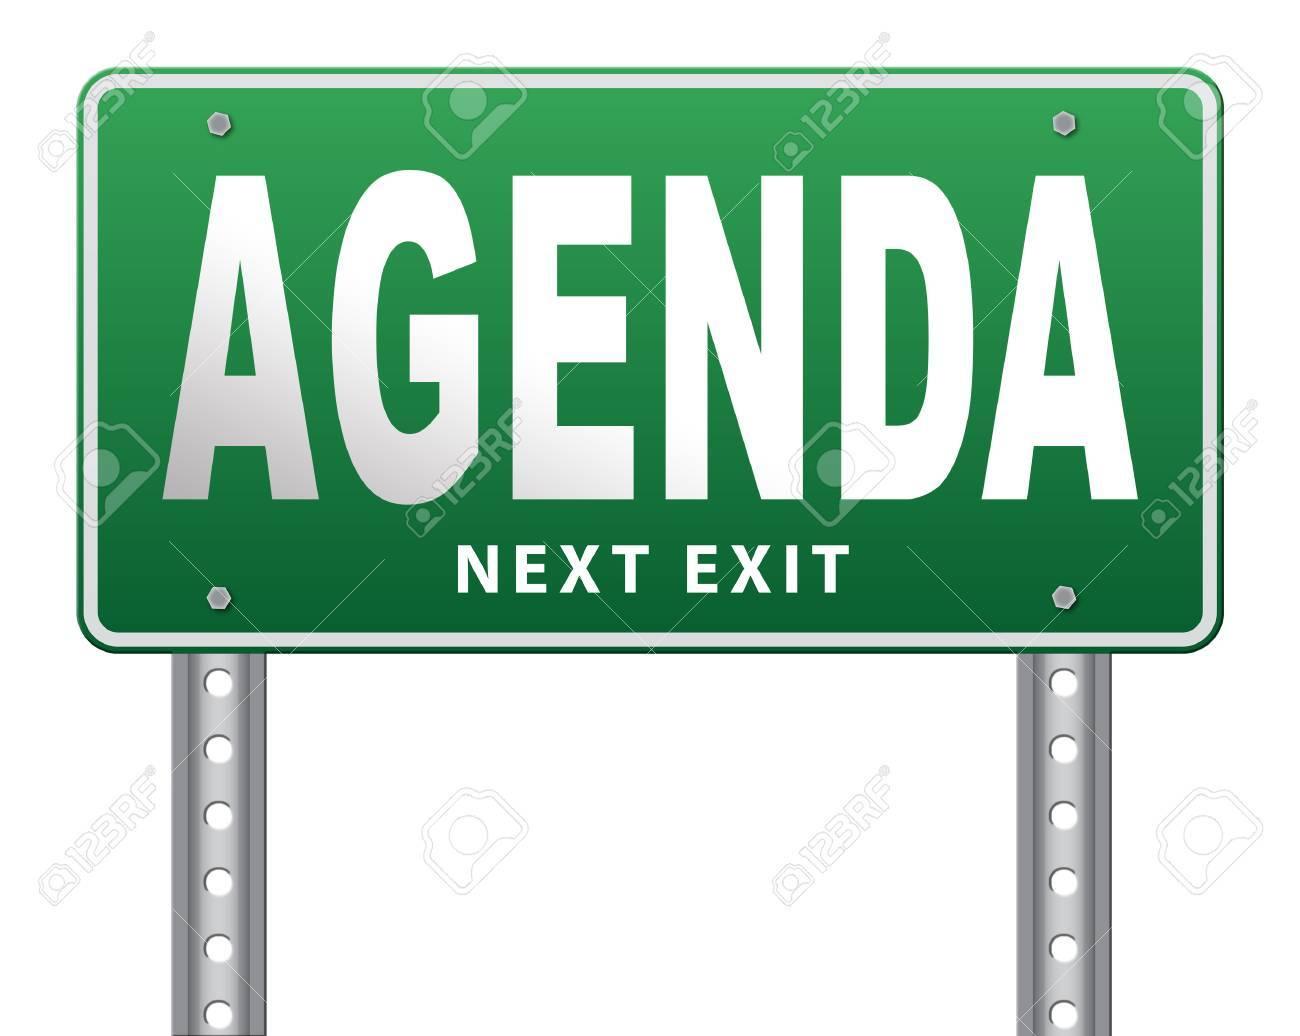 Calendario Attivita.Calendario Agenda E Calendario Attivita Organizzazione E Pianificazione Dell Uso Del Tempo Per Le Riunioni E Organizzare Organizzazione Cartello